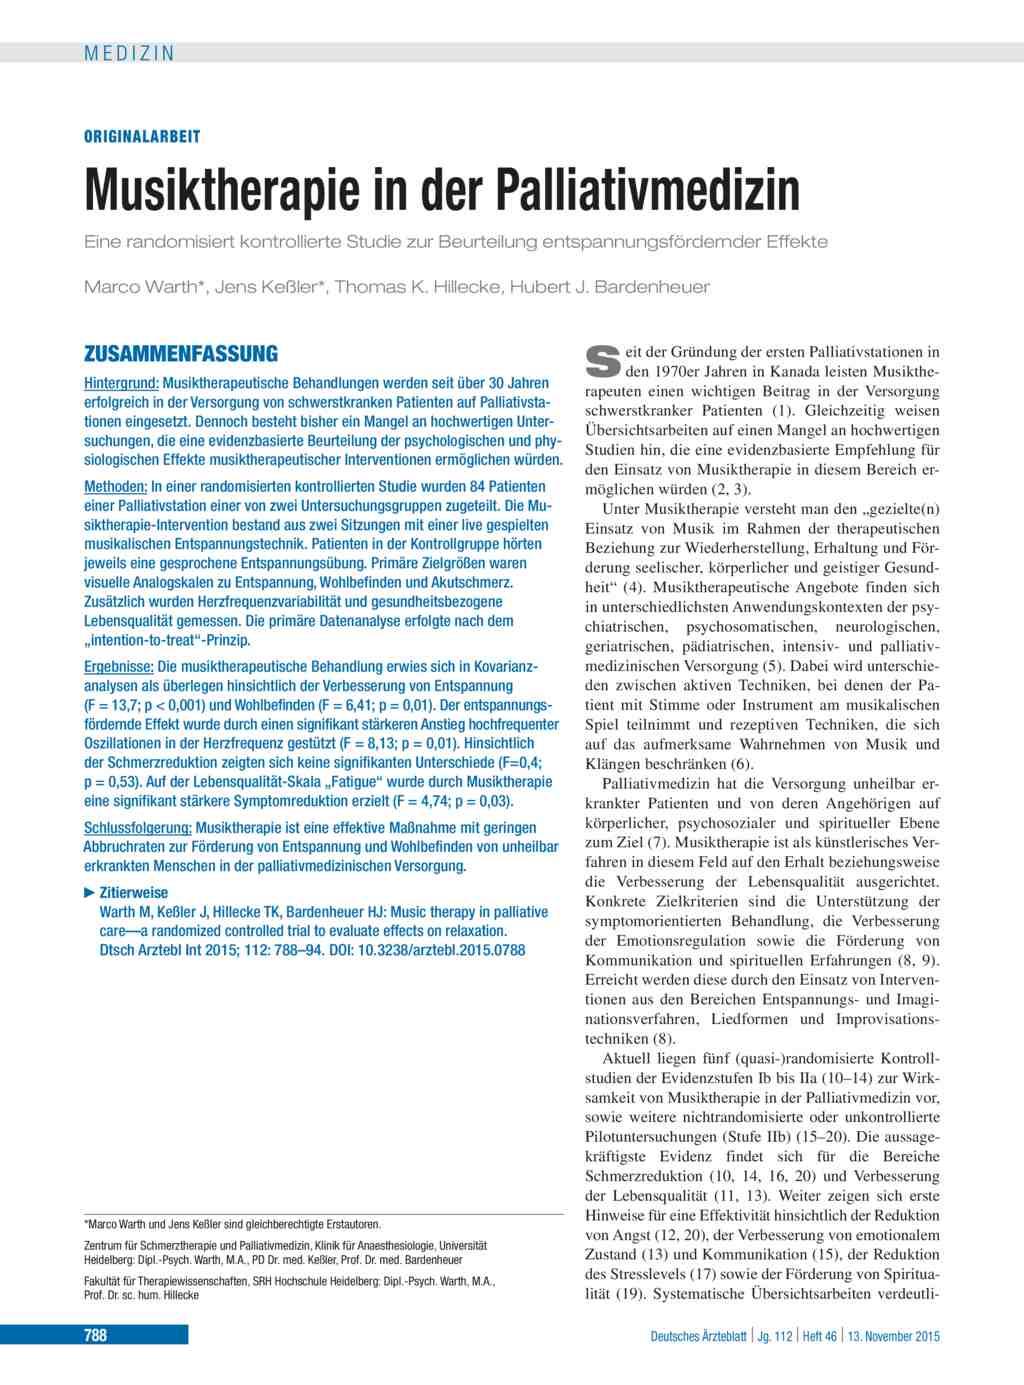 Musiktherapie in der palliativmedizin for Medizin studieren schweiz